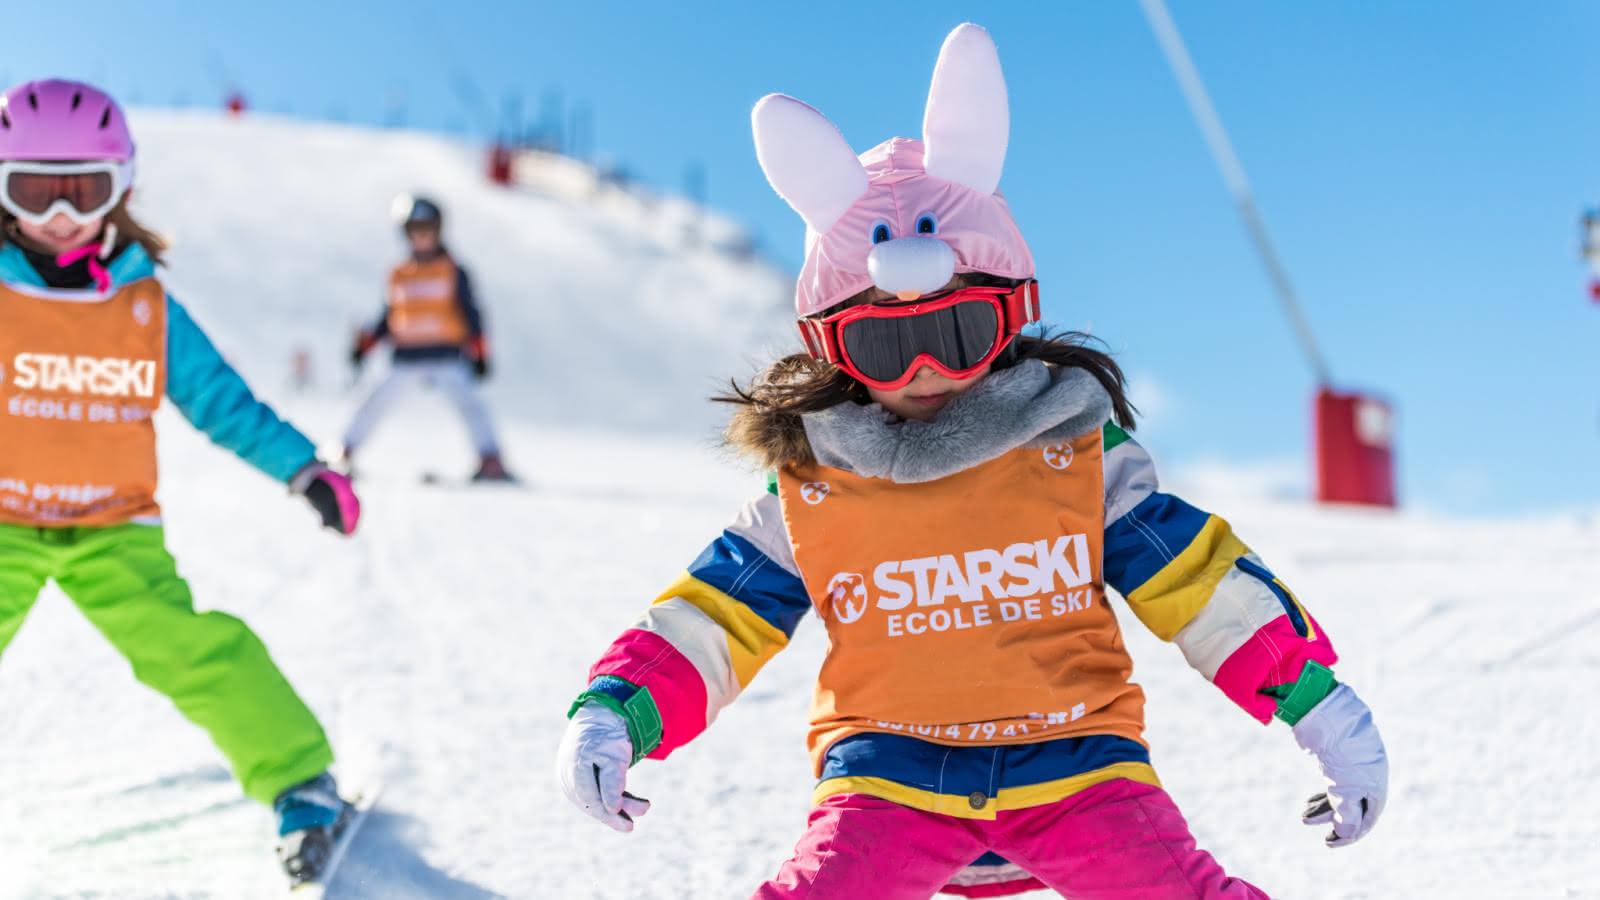 Les enfants apprennent le ski tout en s'amusant.